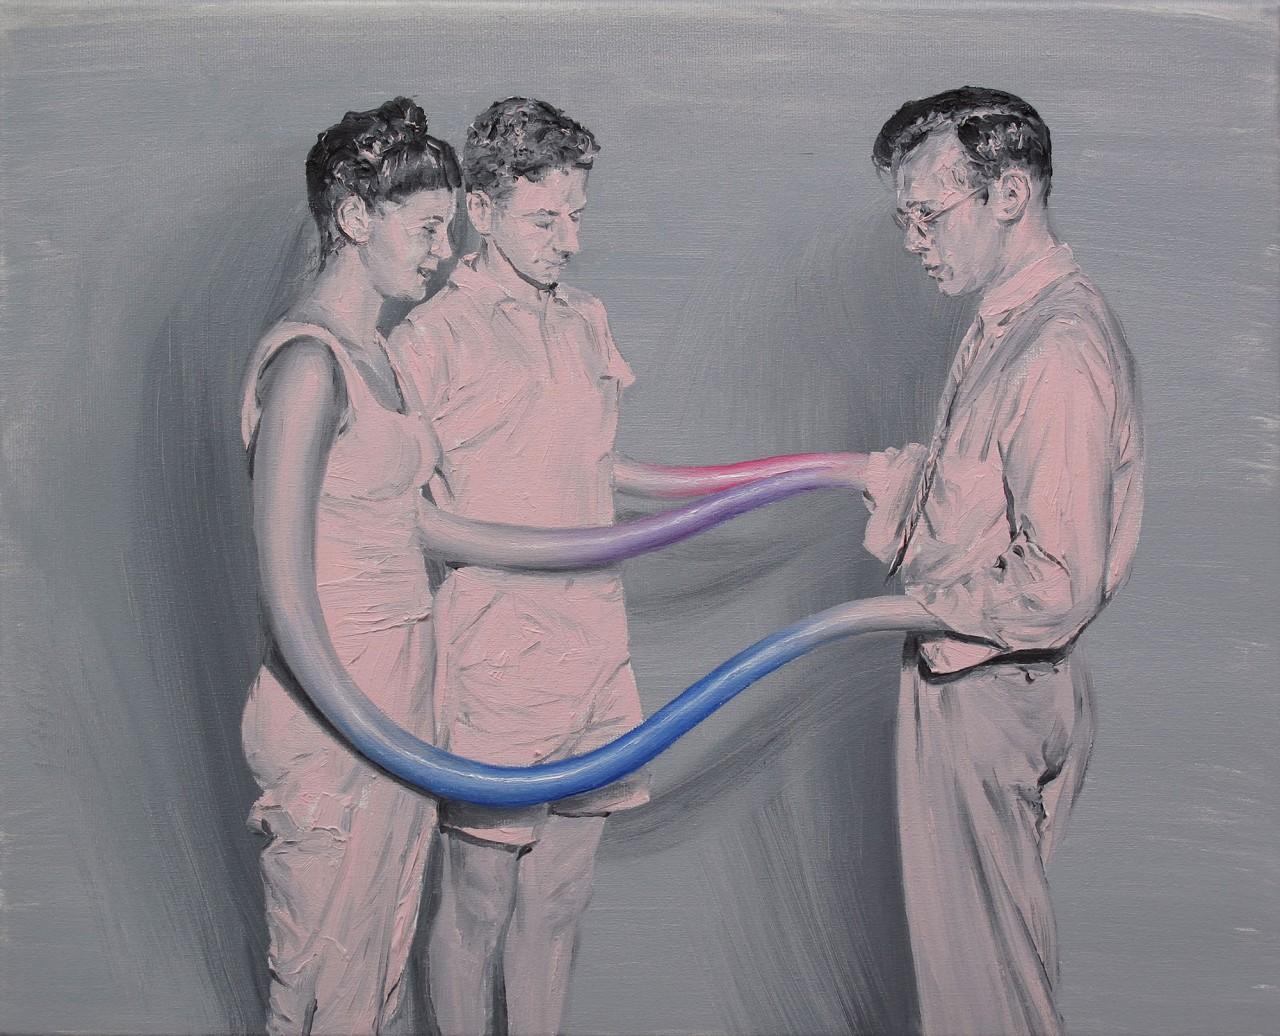 absurd scenes by Paco Pomet